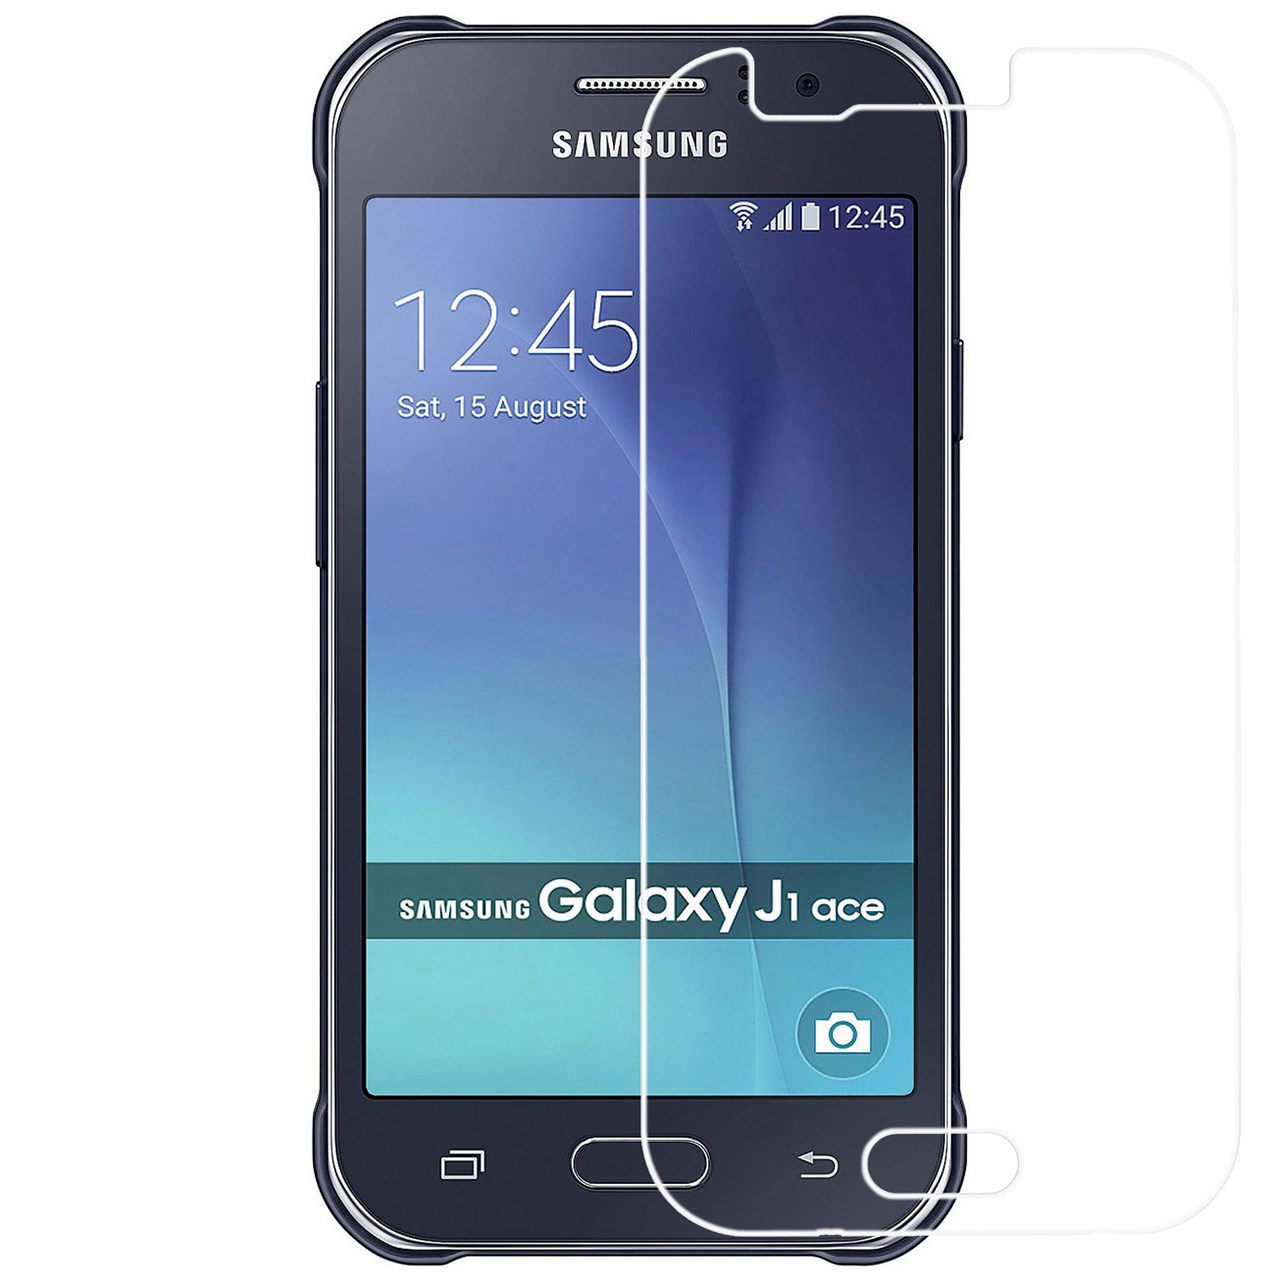 محافظ صفحه نمایش شیشه ای ریمکس مدلTempered مناسب برای گوشی موبایل سامسونگ Galaxy J1 Ace              ( قیمت و خرید)